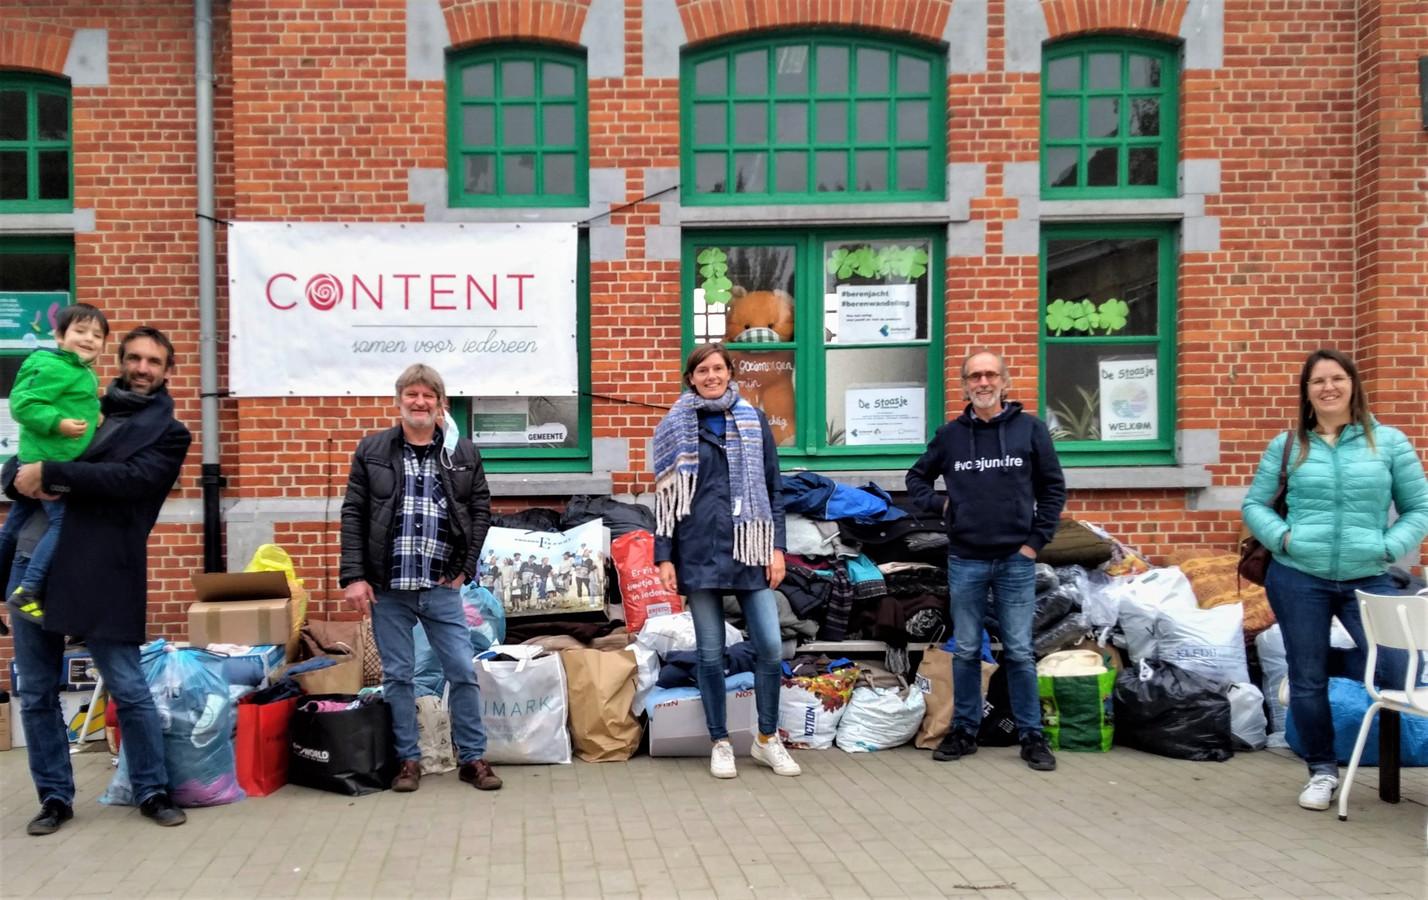 De ploeg van CONTENT zamelde in Kortemark winterjassen in.